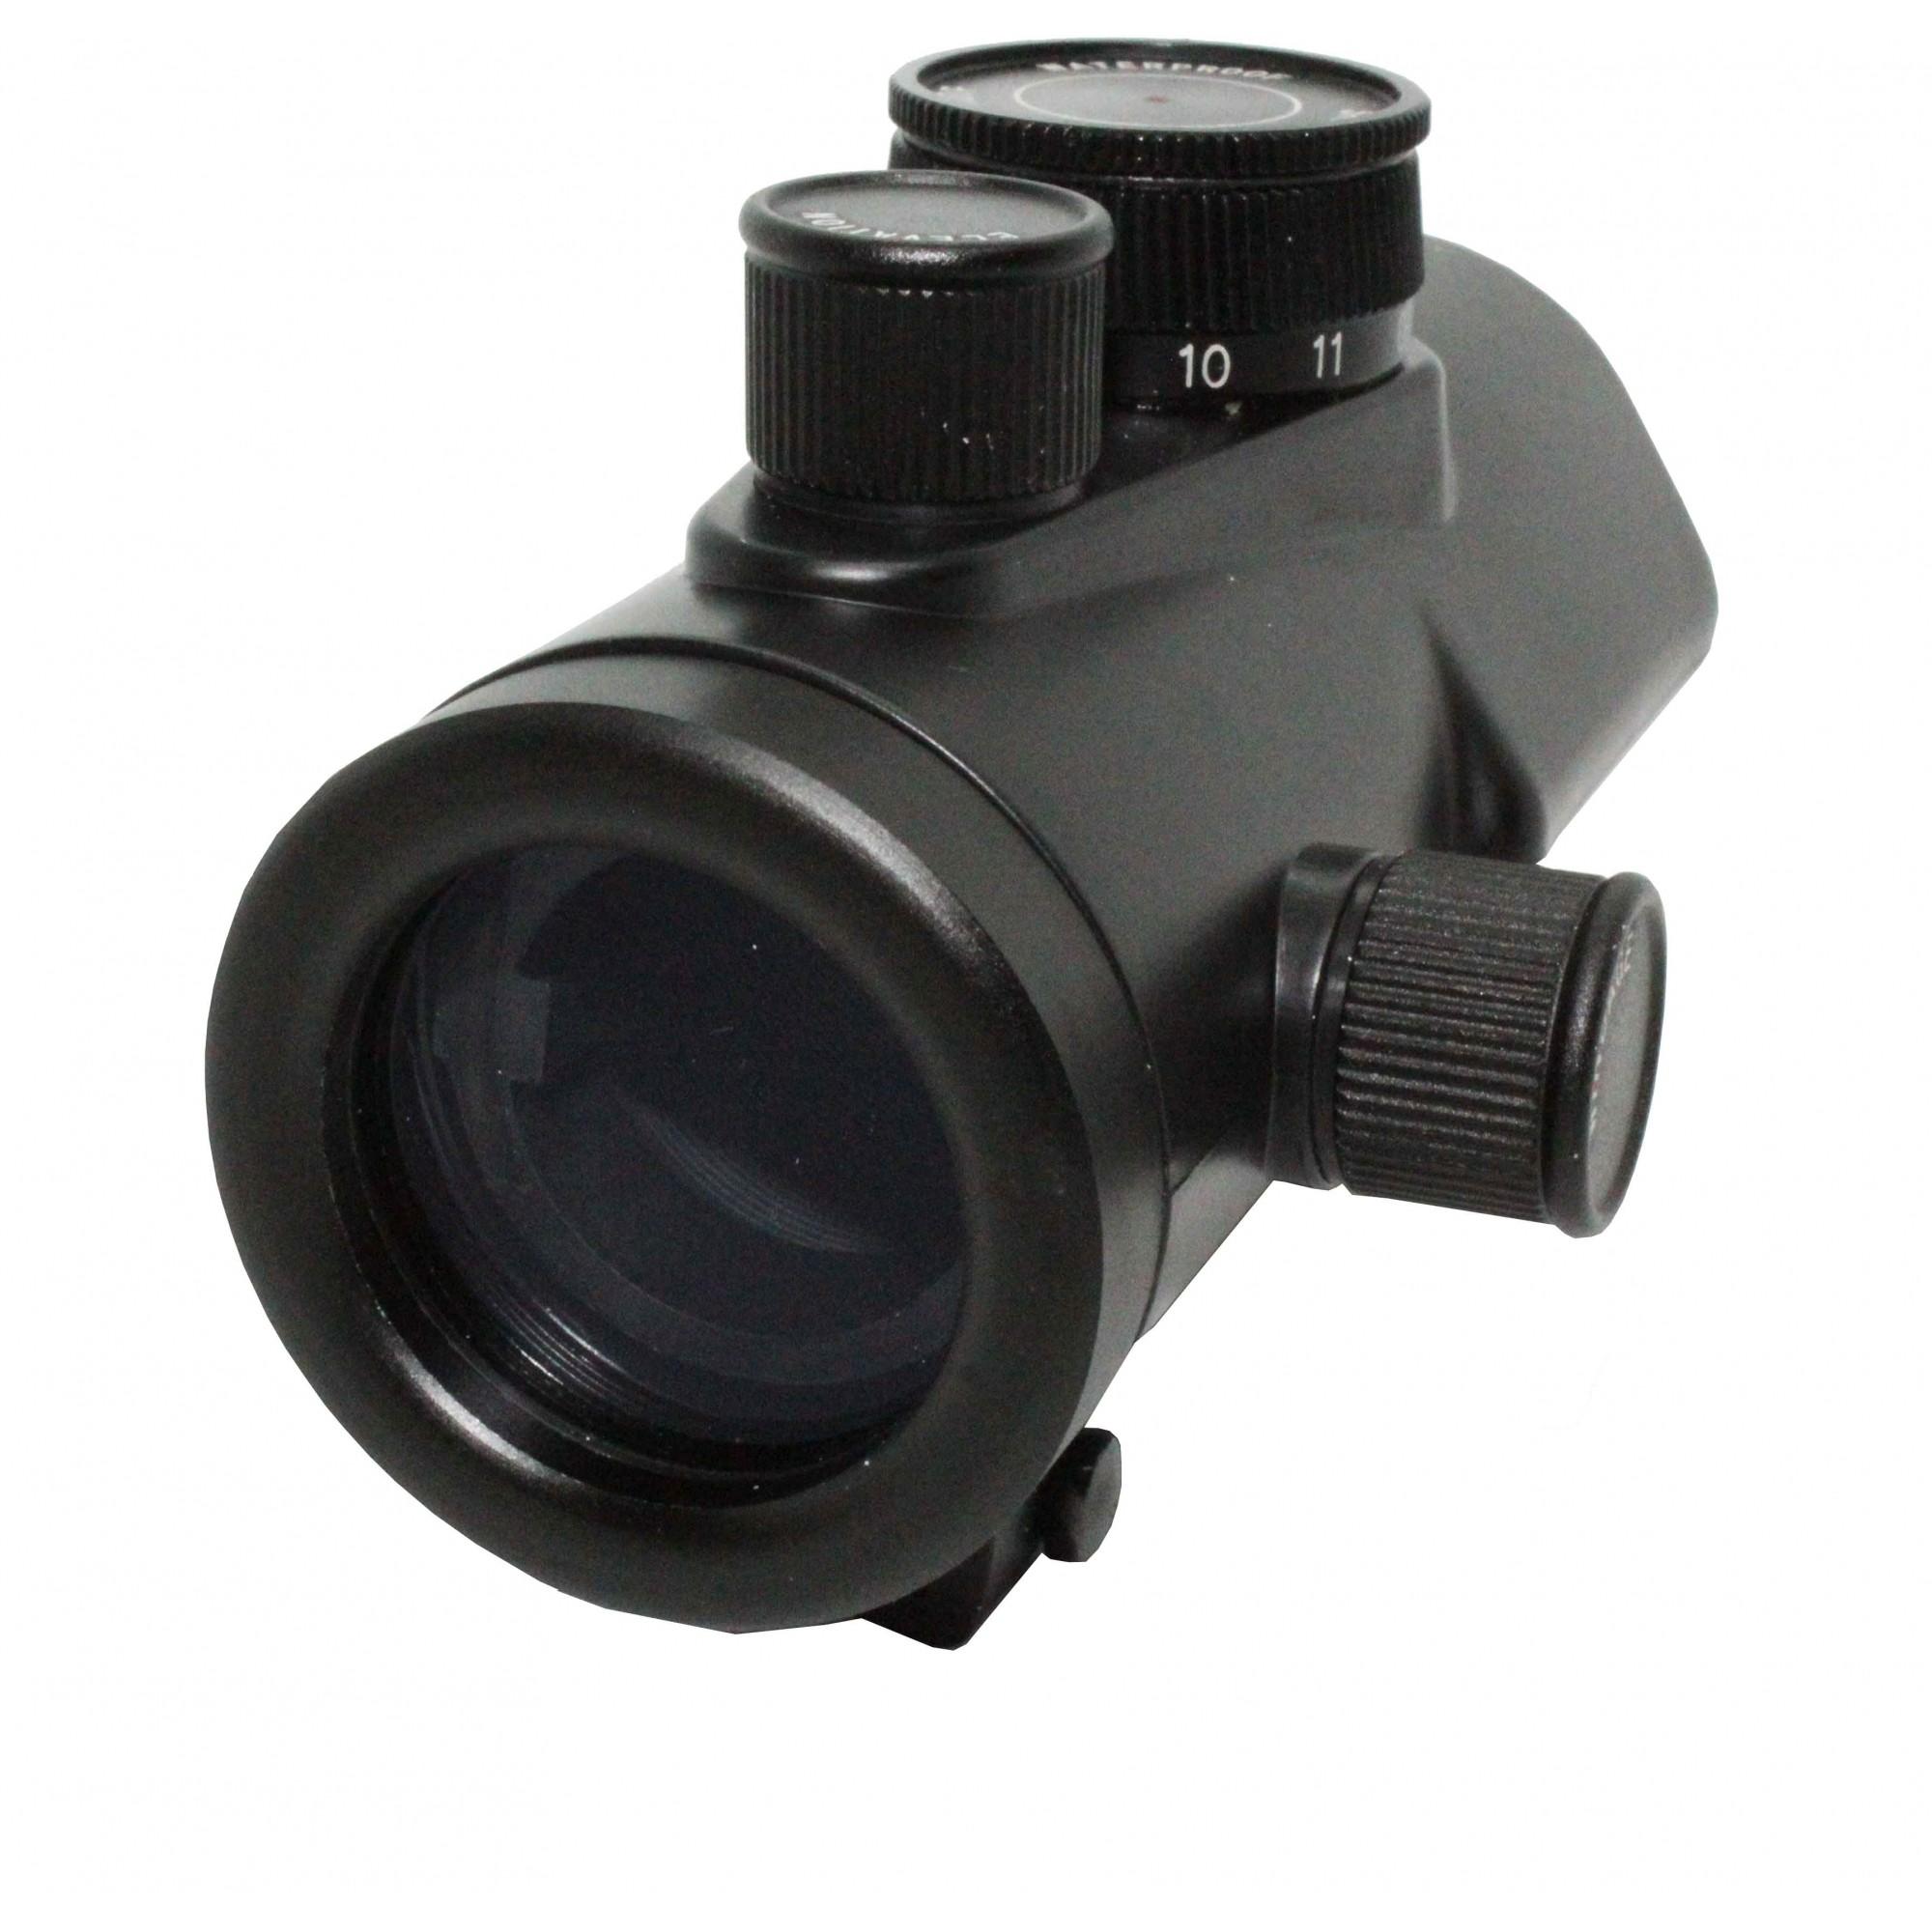 Red Dot Diâmentro 30mm Trilho Ajustável 11mm Para 20mm